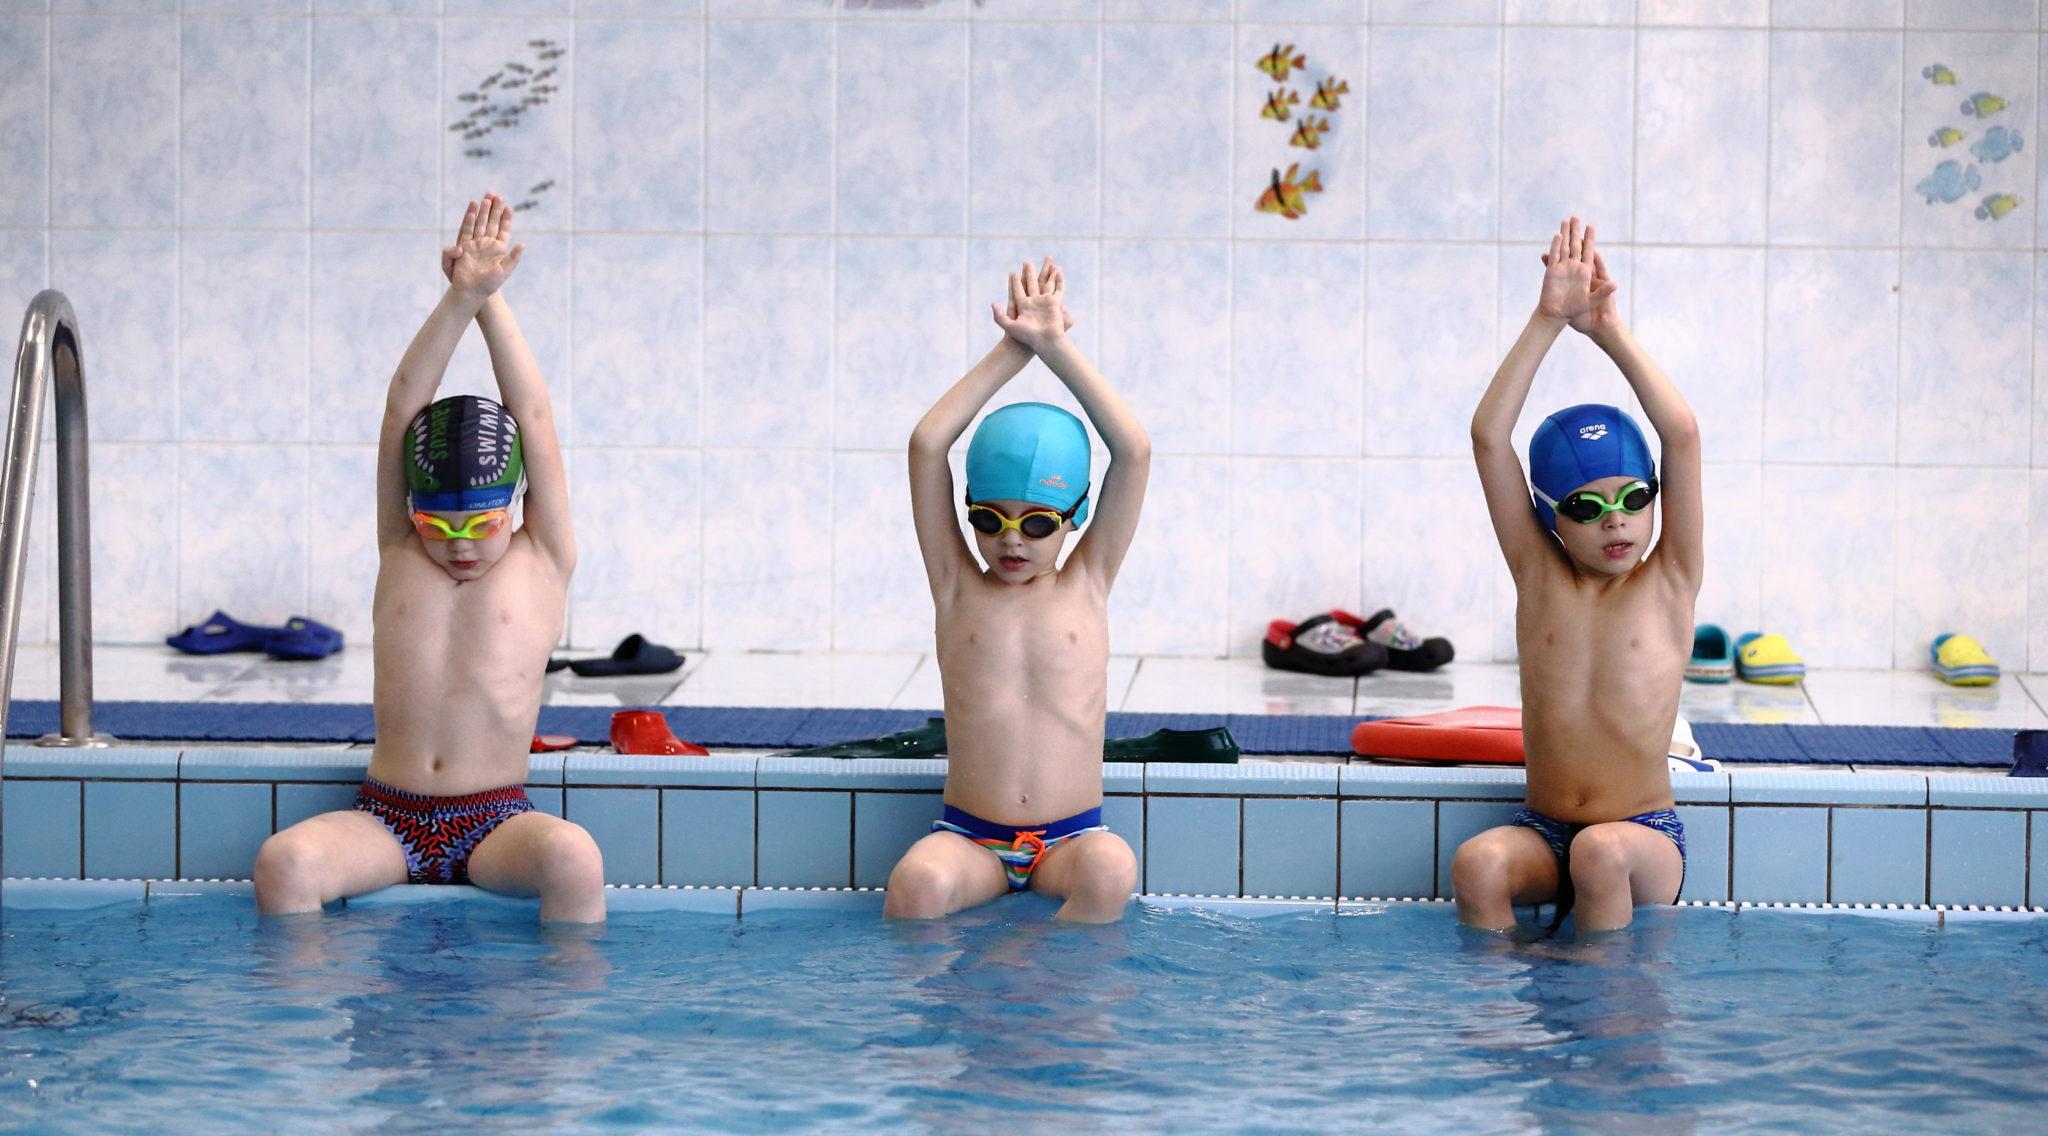 Плавание, 2 занятия в неделю. Малый бассейн.